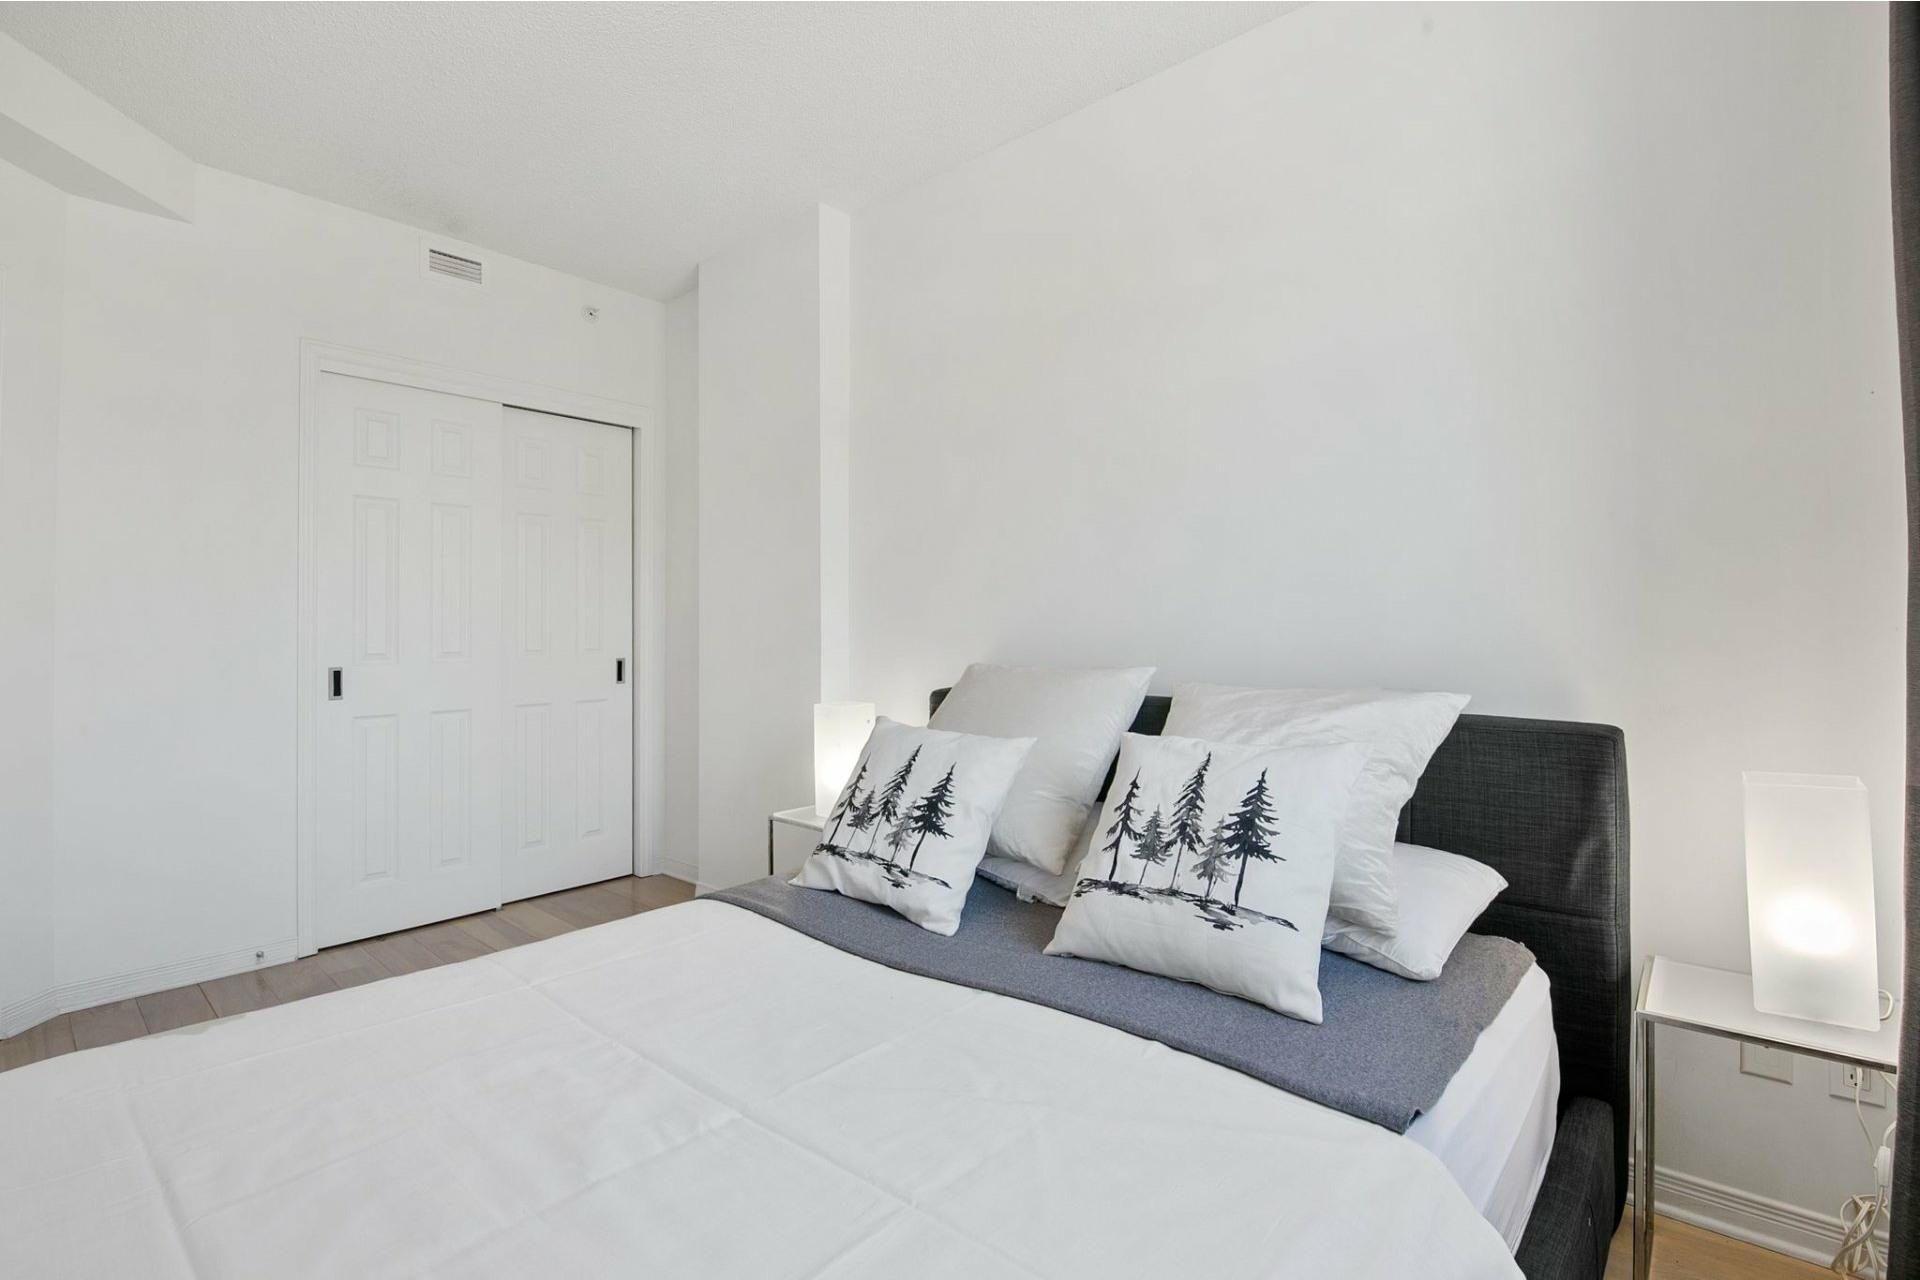 image 12 - Appartement À vendre Côte-des-Neiges/Notre-Dame-de-Grâce Montréal  - 6 pièces